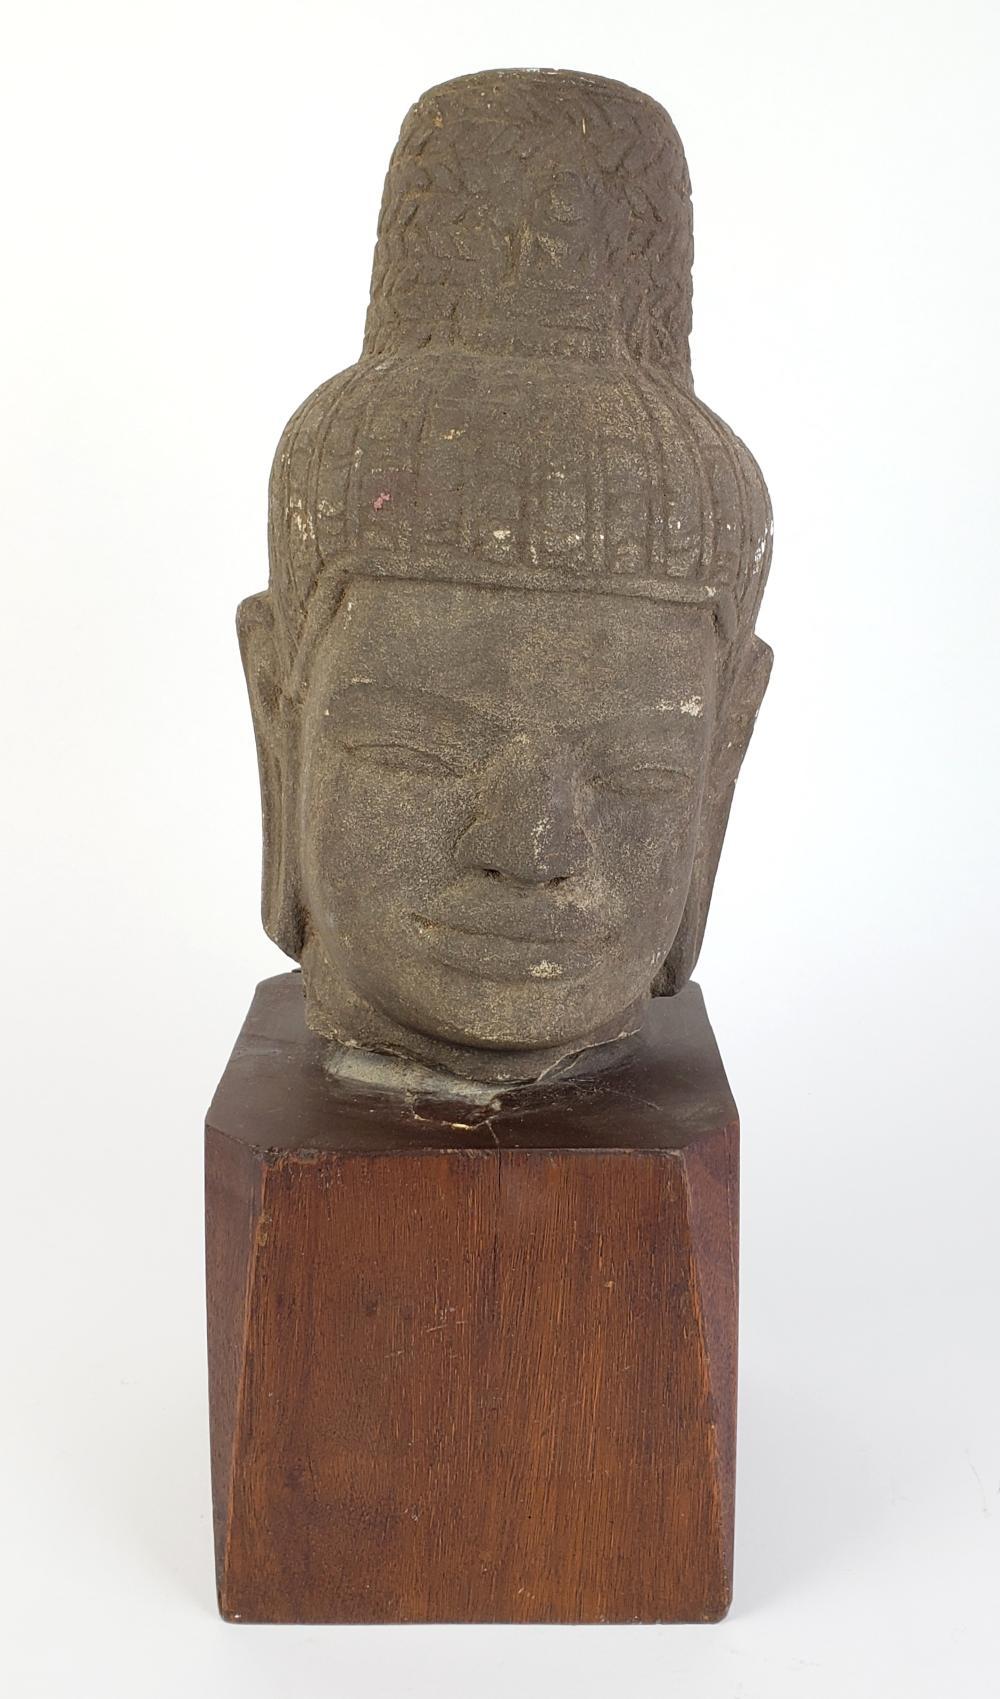 Stone Buddha Bust on Wooden Base